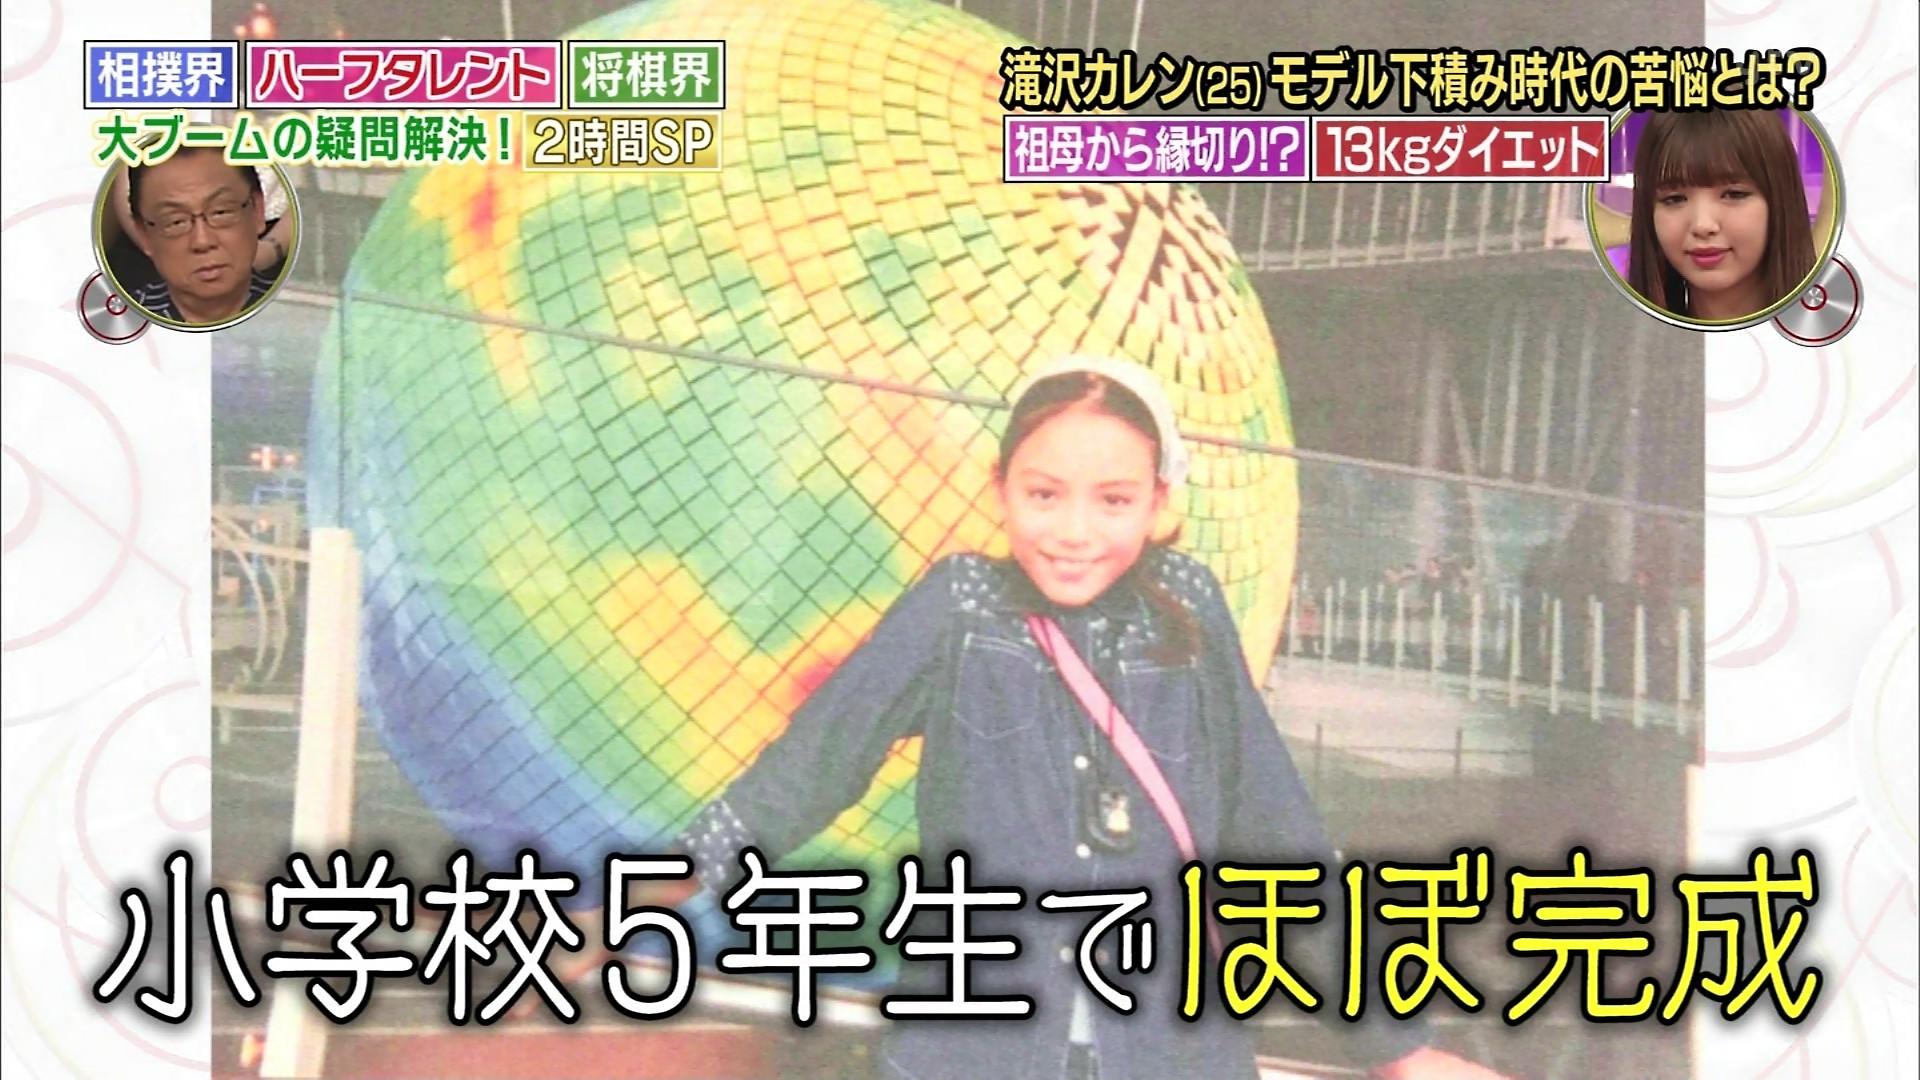 滝沢カレンの小中学生時代の画像